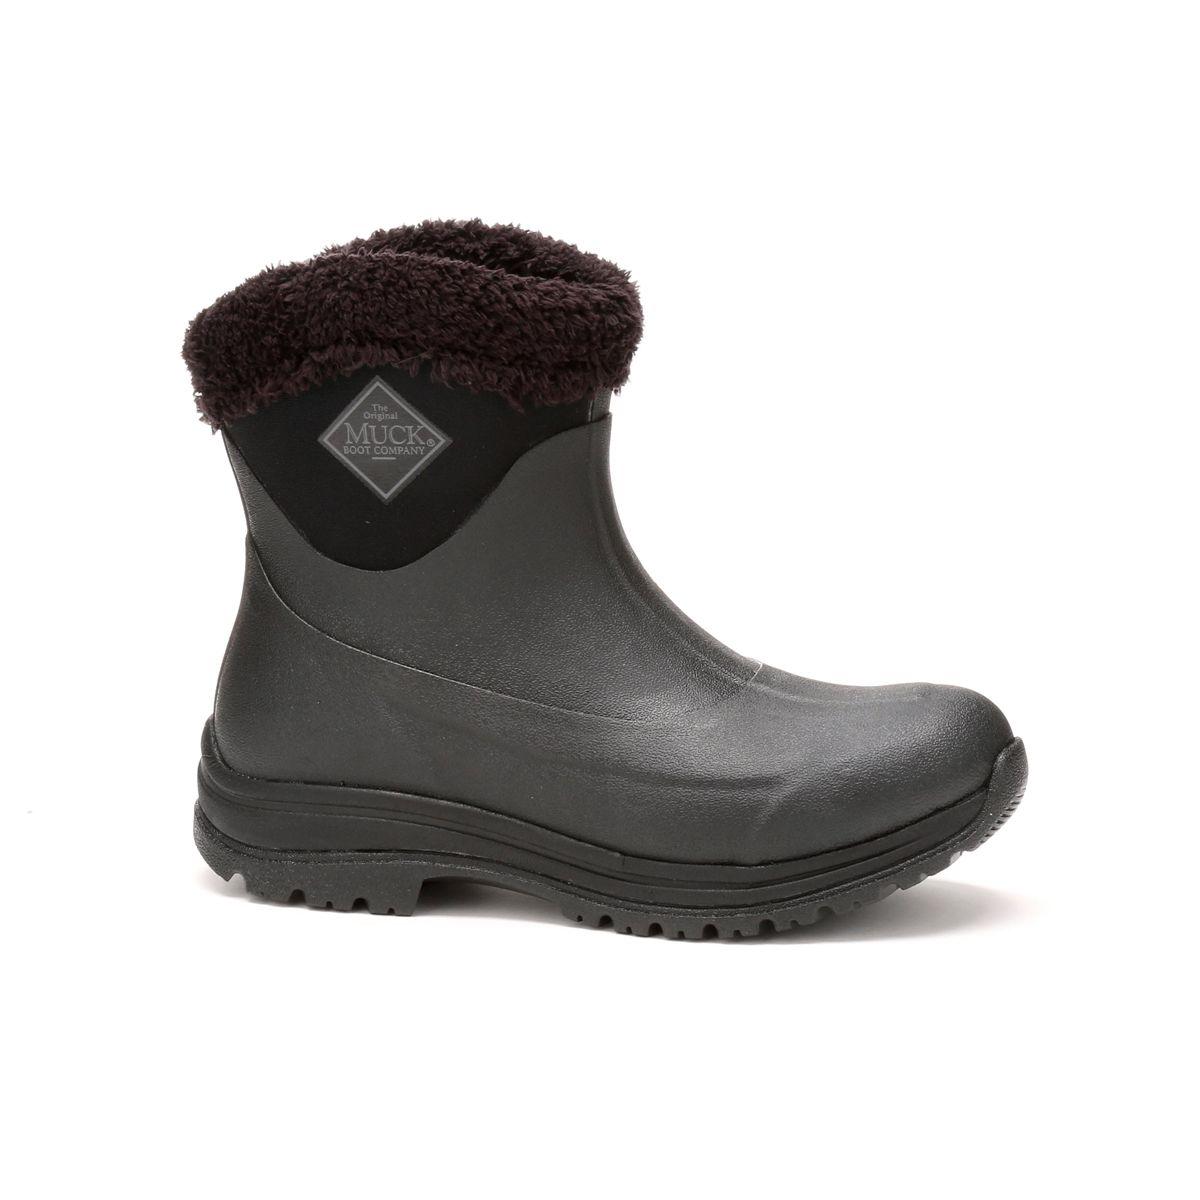 Muck Boots Company Women's ARCTIC APRES